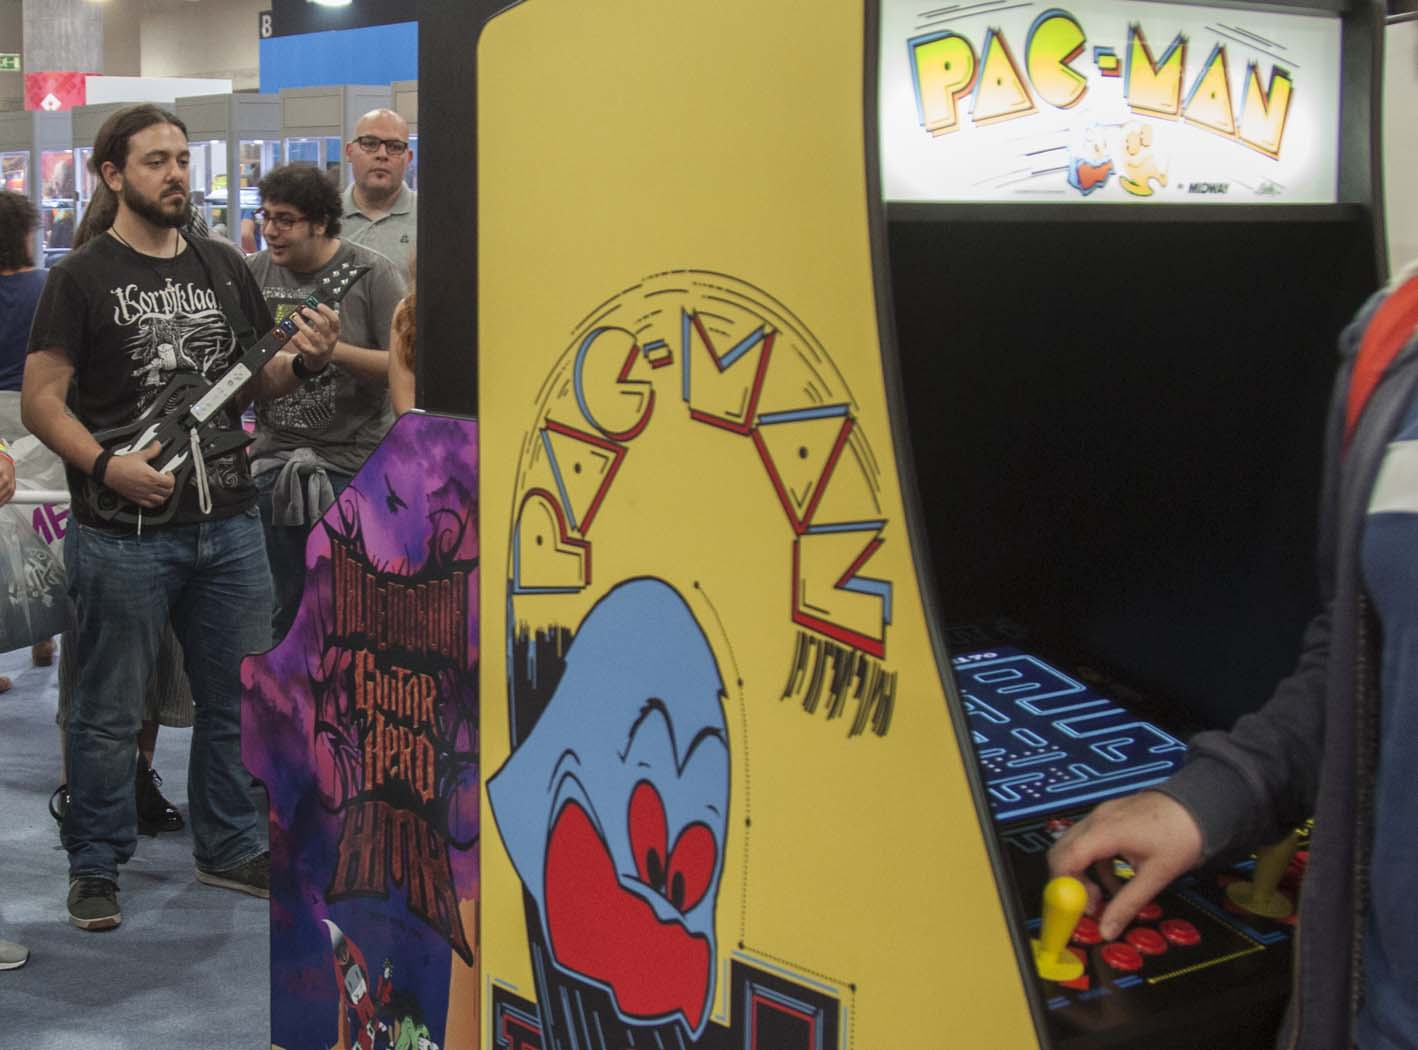 Máquinas de arcade y Guitar Hero. Una combinación peculiar pero entretenida.